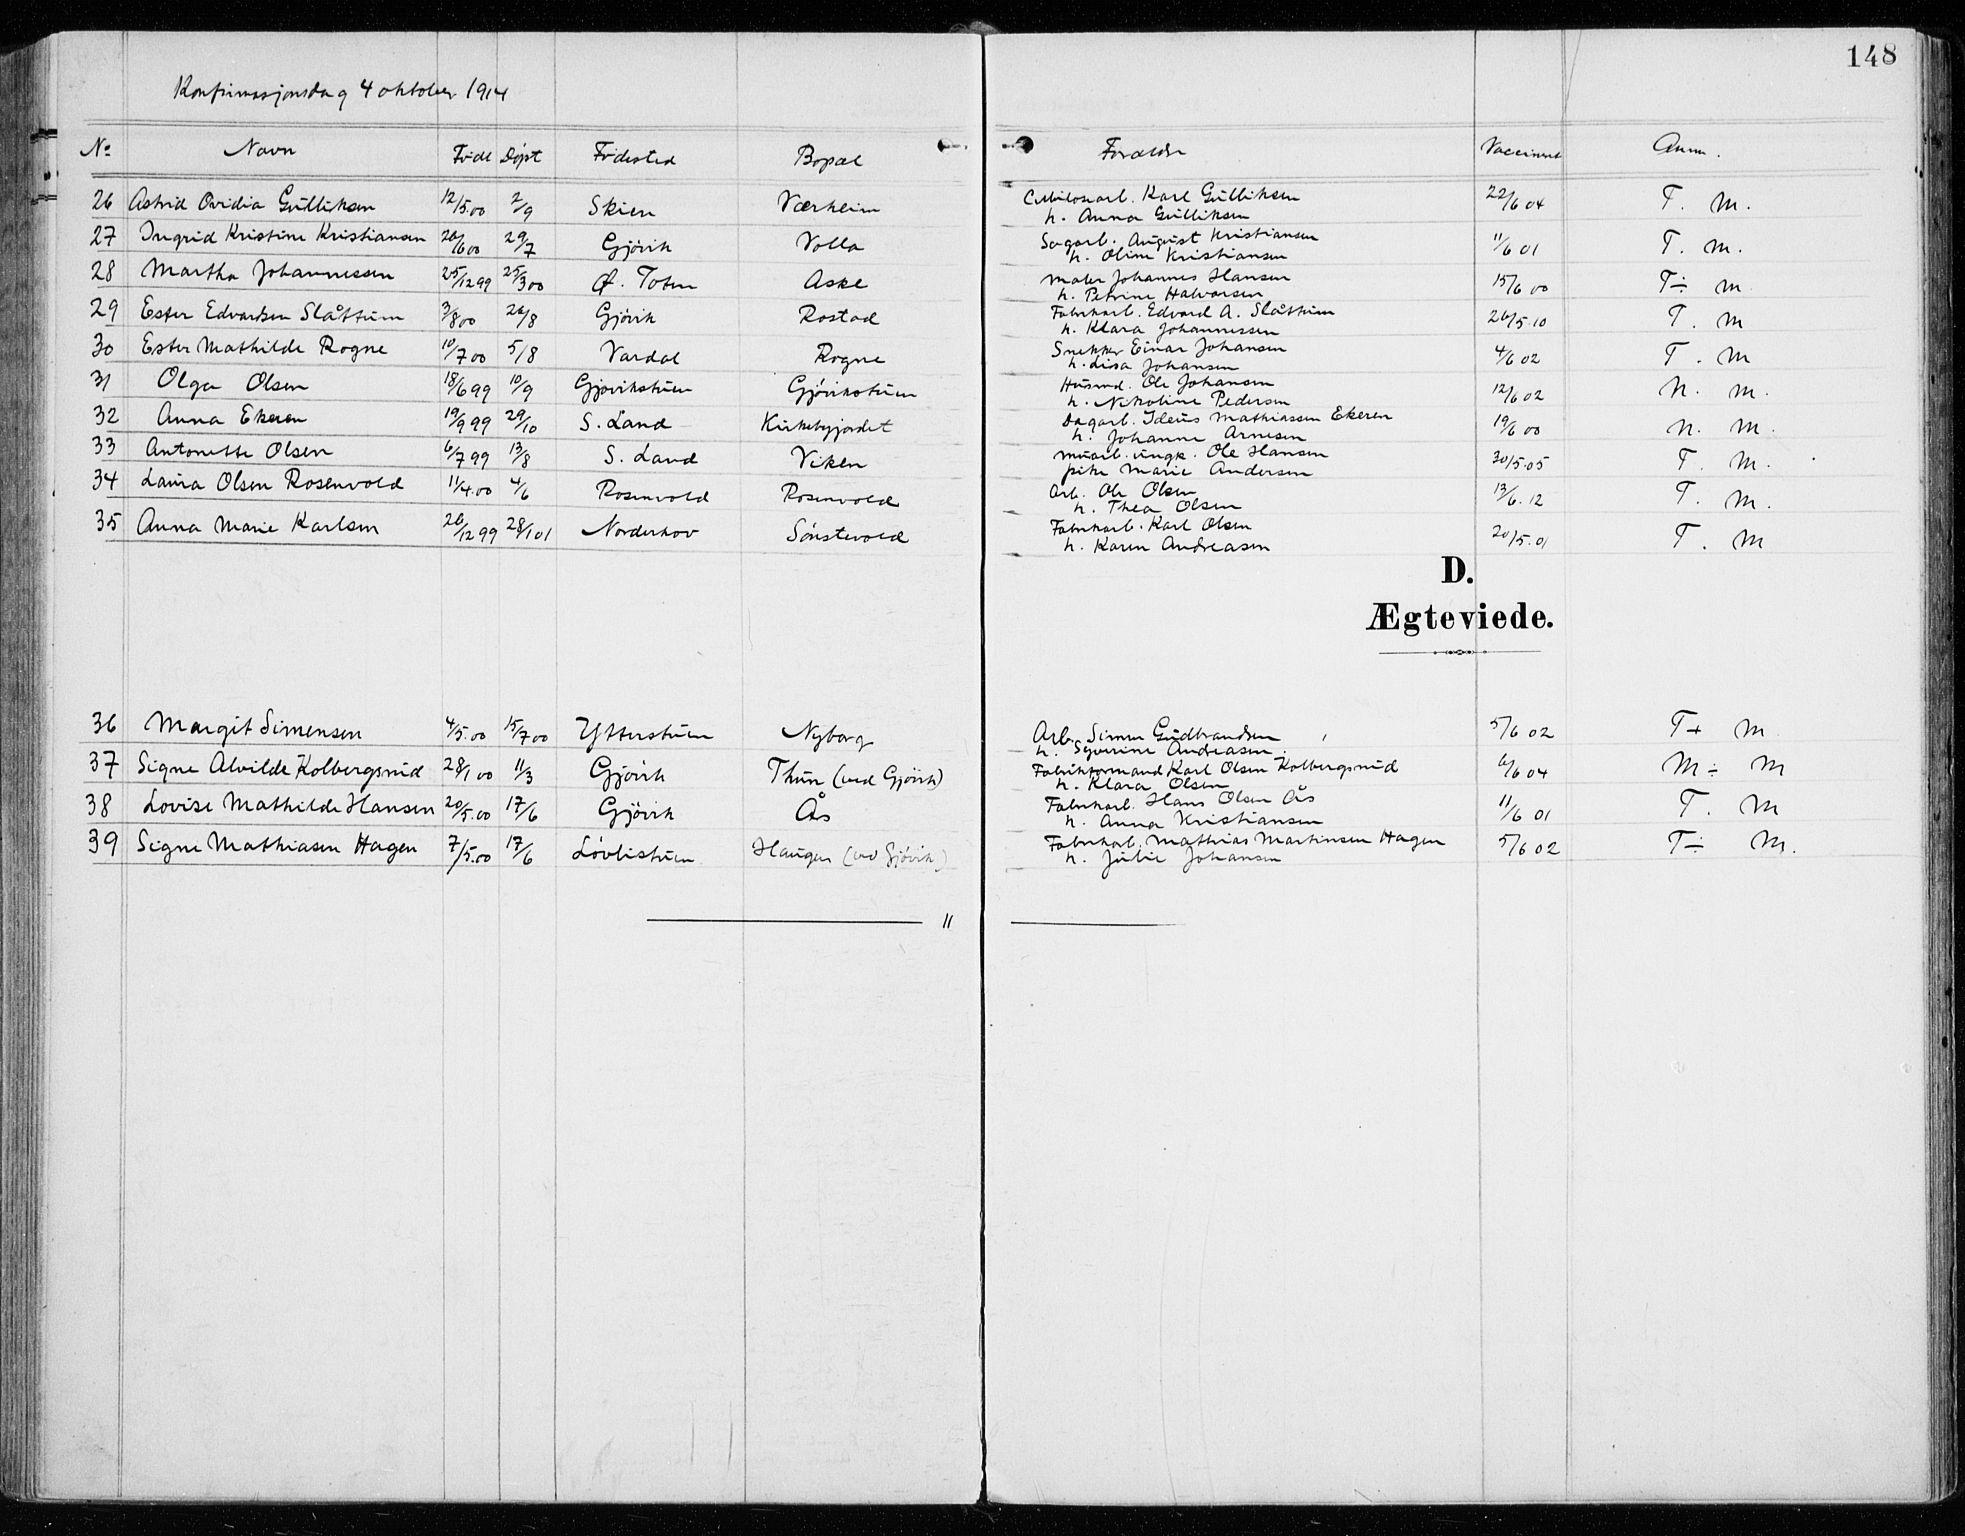 SAH, Vardal prestekontor, H/Ha/Haa/L0016: Parish register (official) no. 16, 1904-1916, p. 148